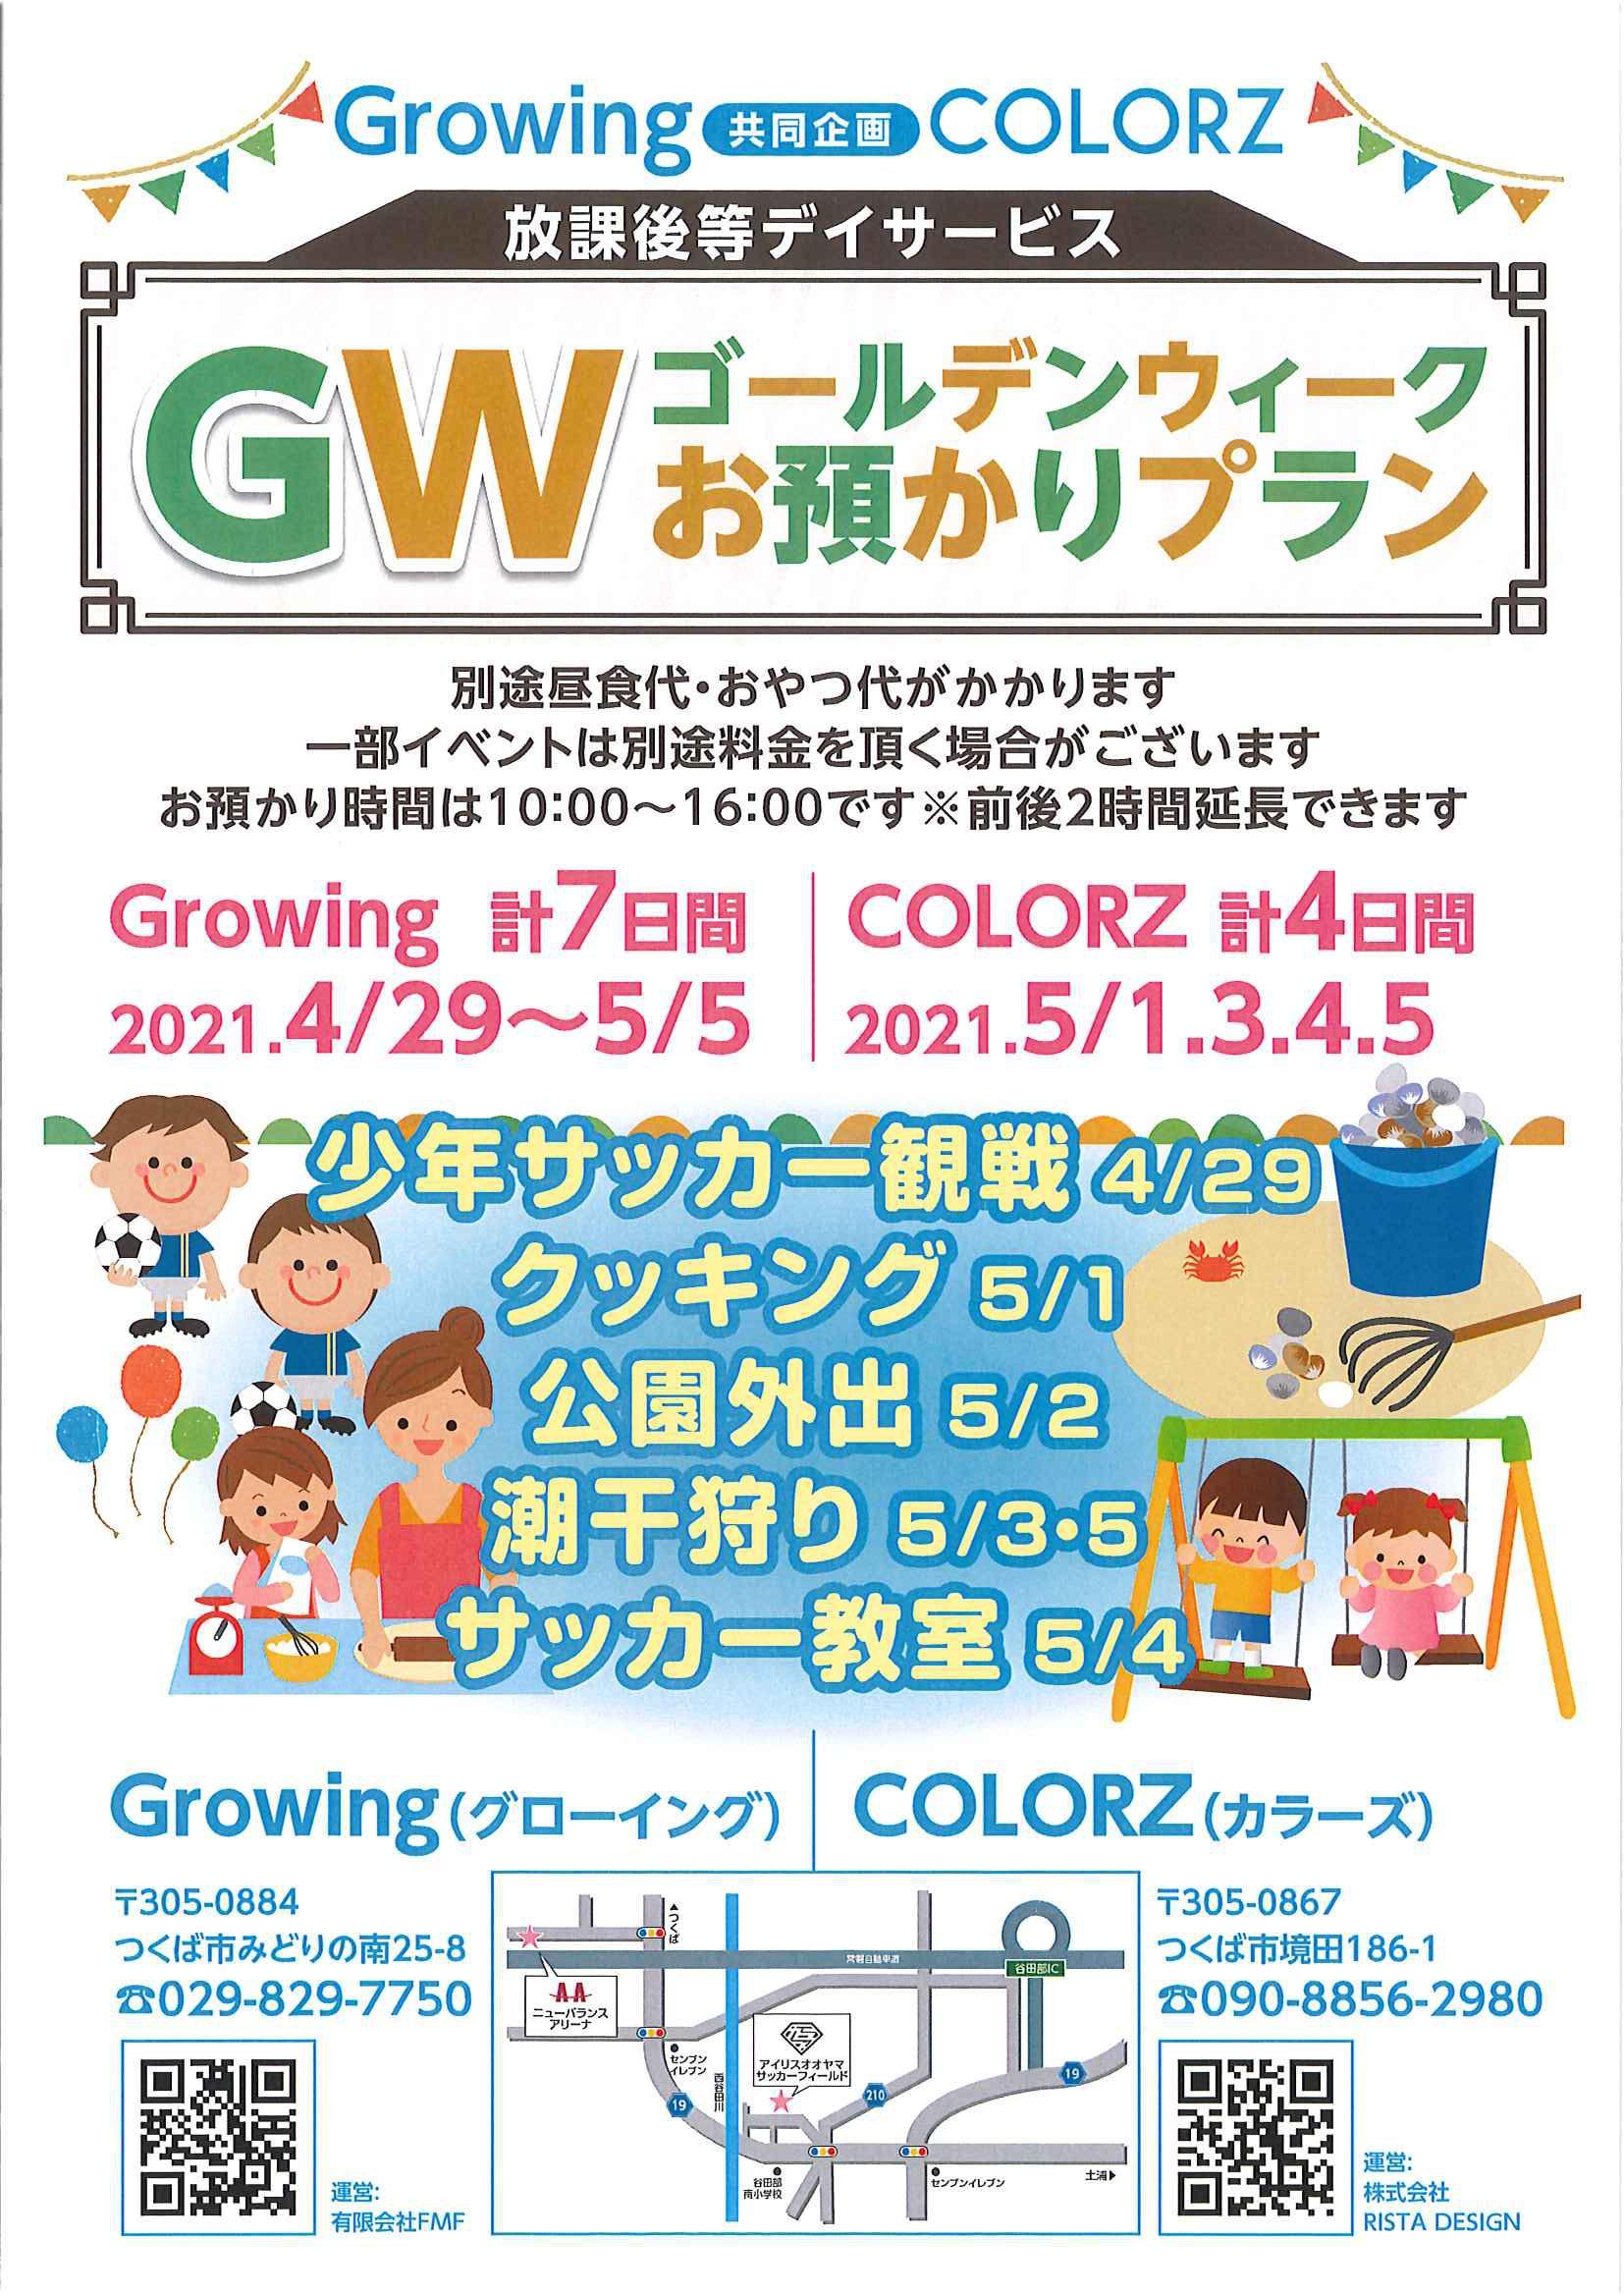 ゴールデンウイークお預かりプラン!!page-visual ゴールデンウイークお預かりプラン!!ビジュアル